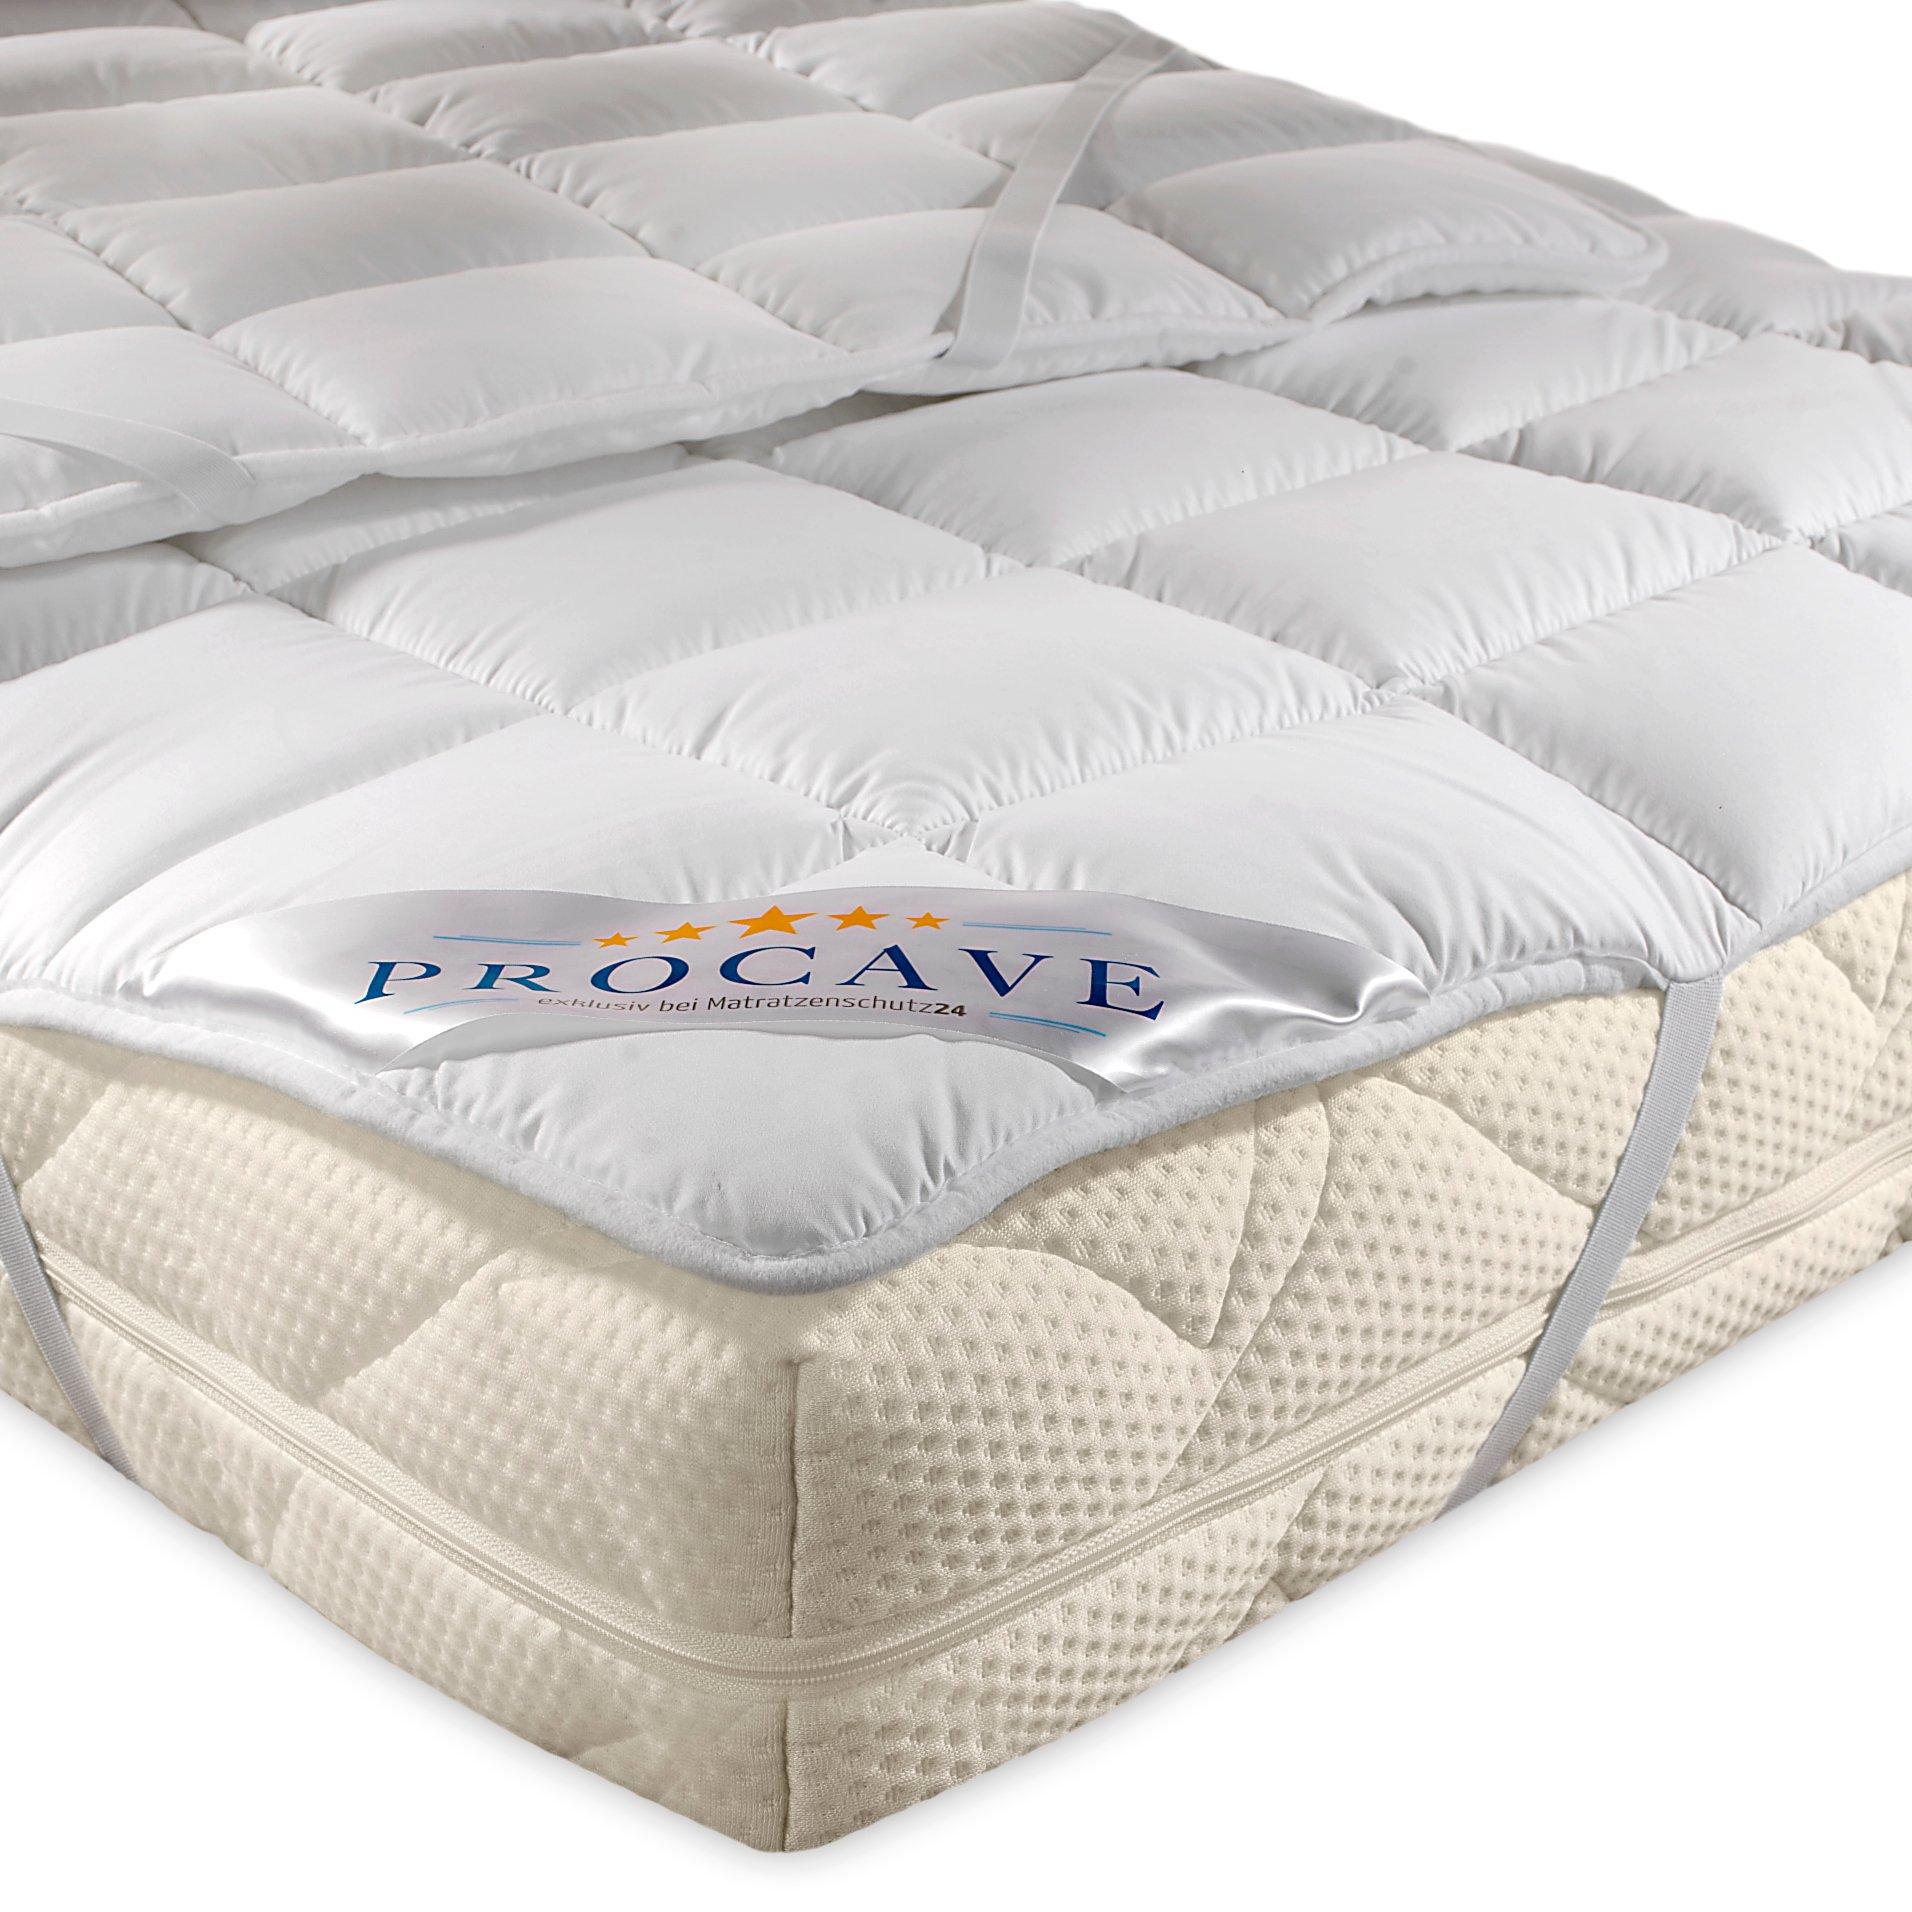 PROCAVE MICRO CONFORT Protector colchón en varios tamaños, Made in Germany, Funda colchón de